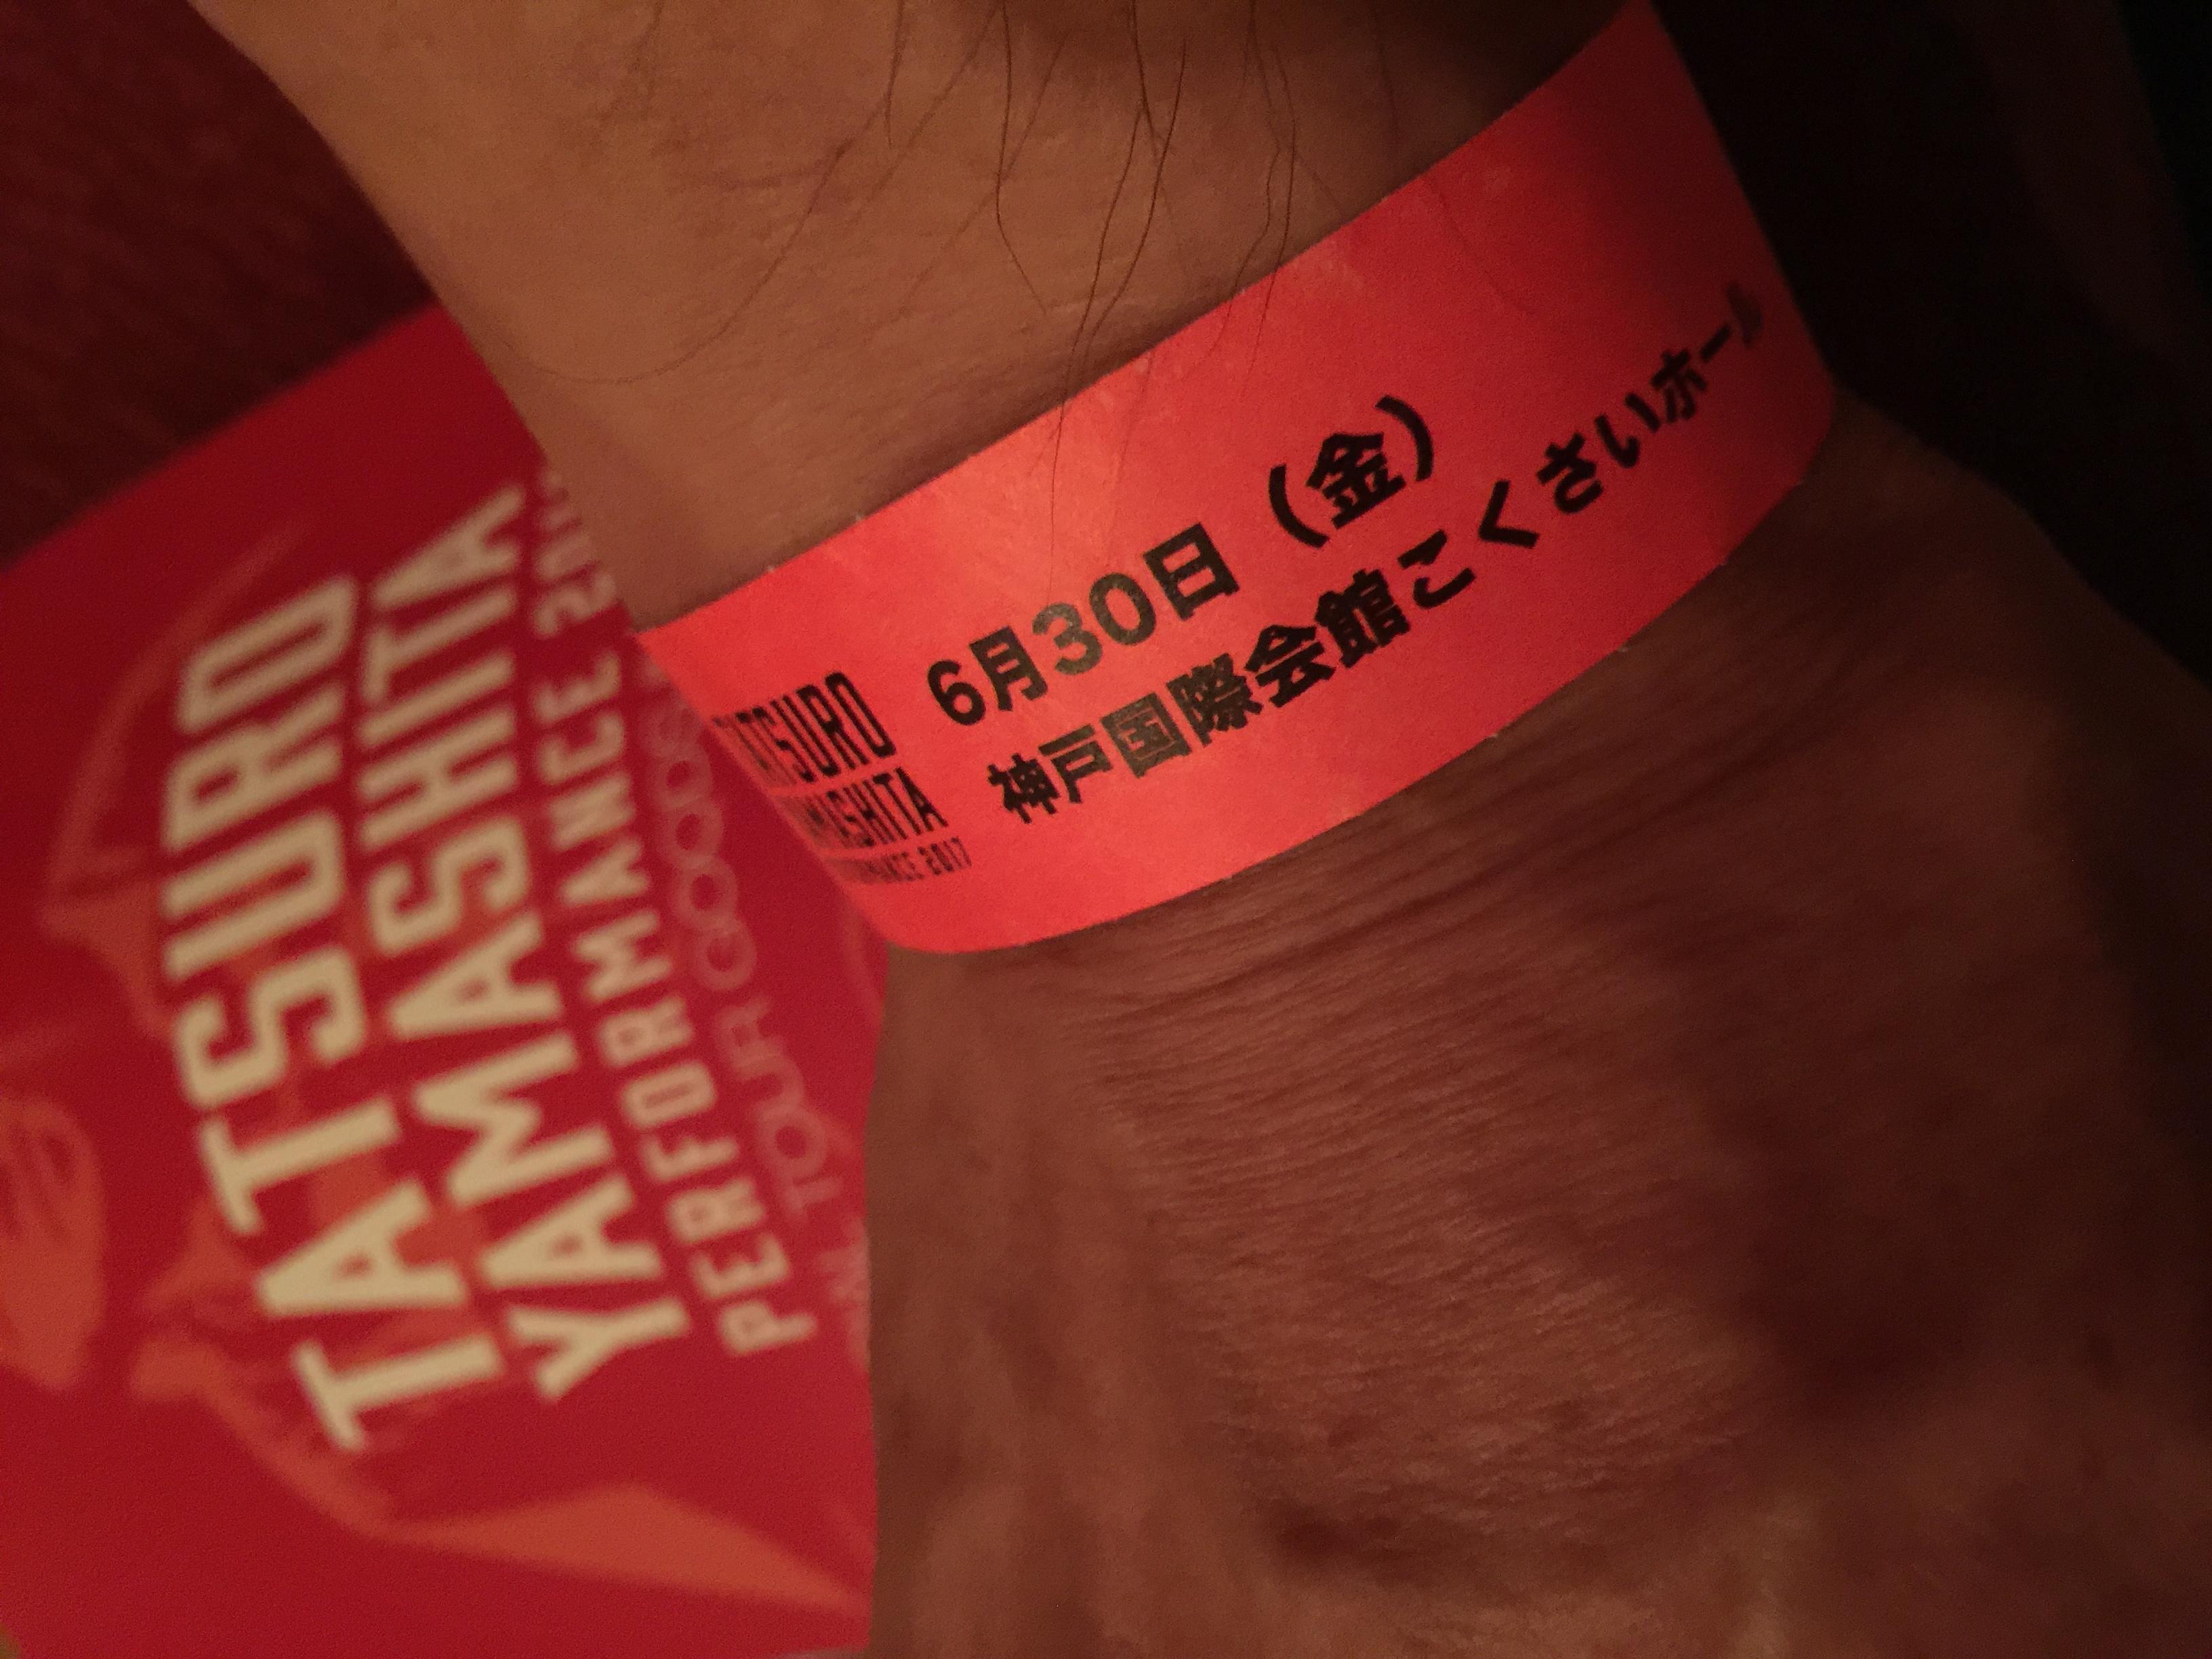 山下達郎PERFORMANCE 2017神戸国際会館リストバンド